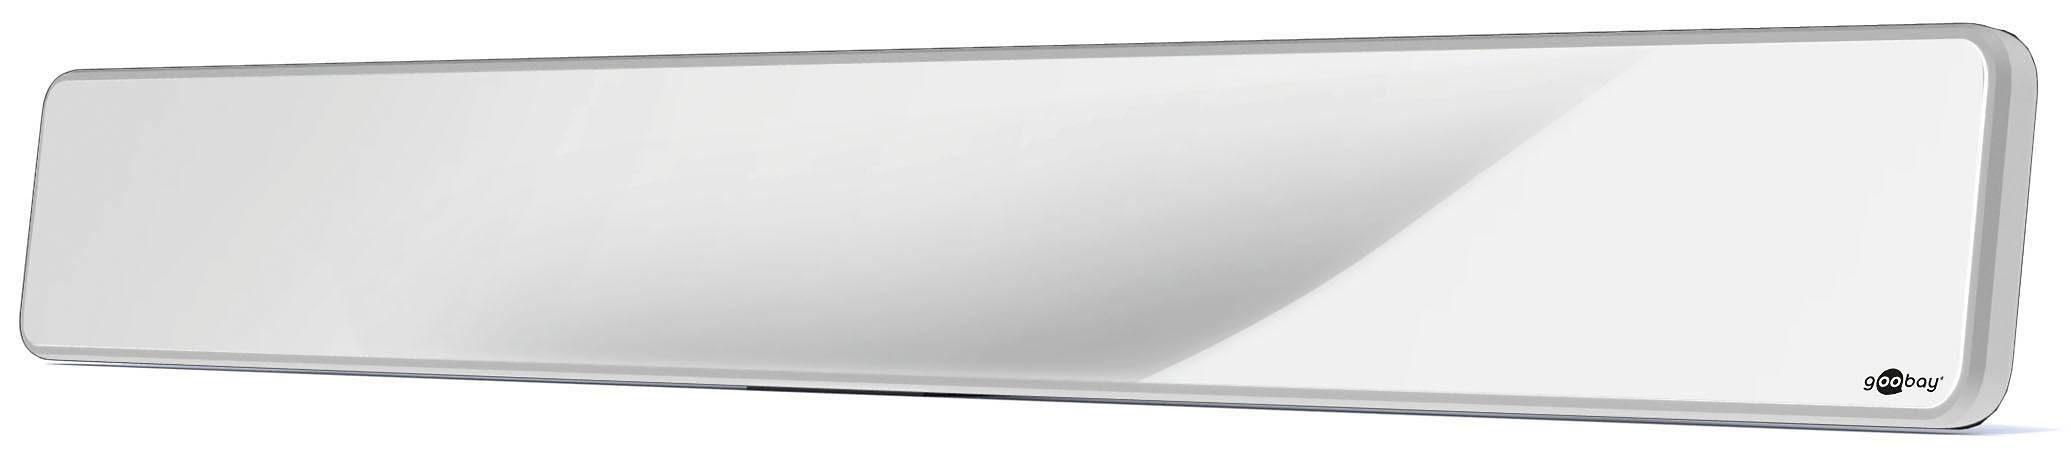 goobay Aktive Full HD DVB-T Zimmerantenne mit 4G/LTE Filter »zum Empfang von DVB-T/DVB-T2«